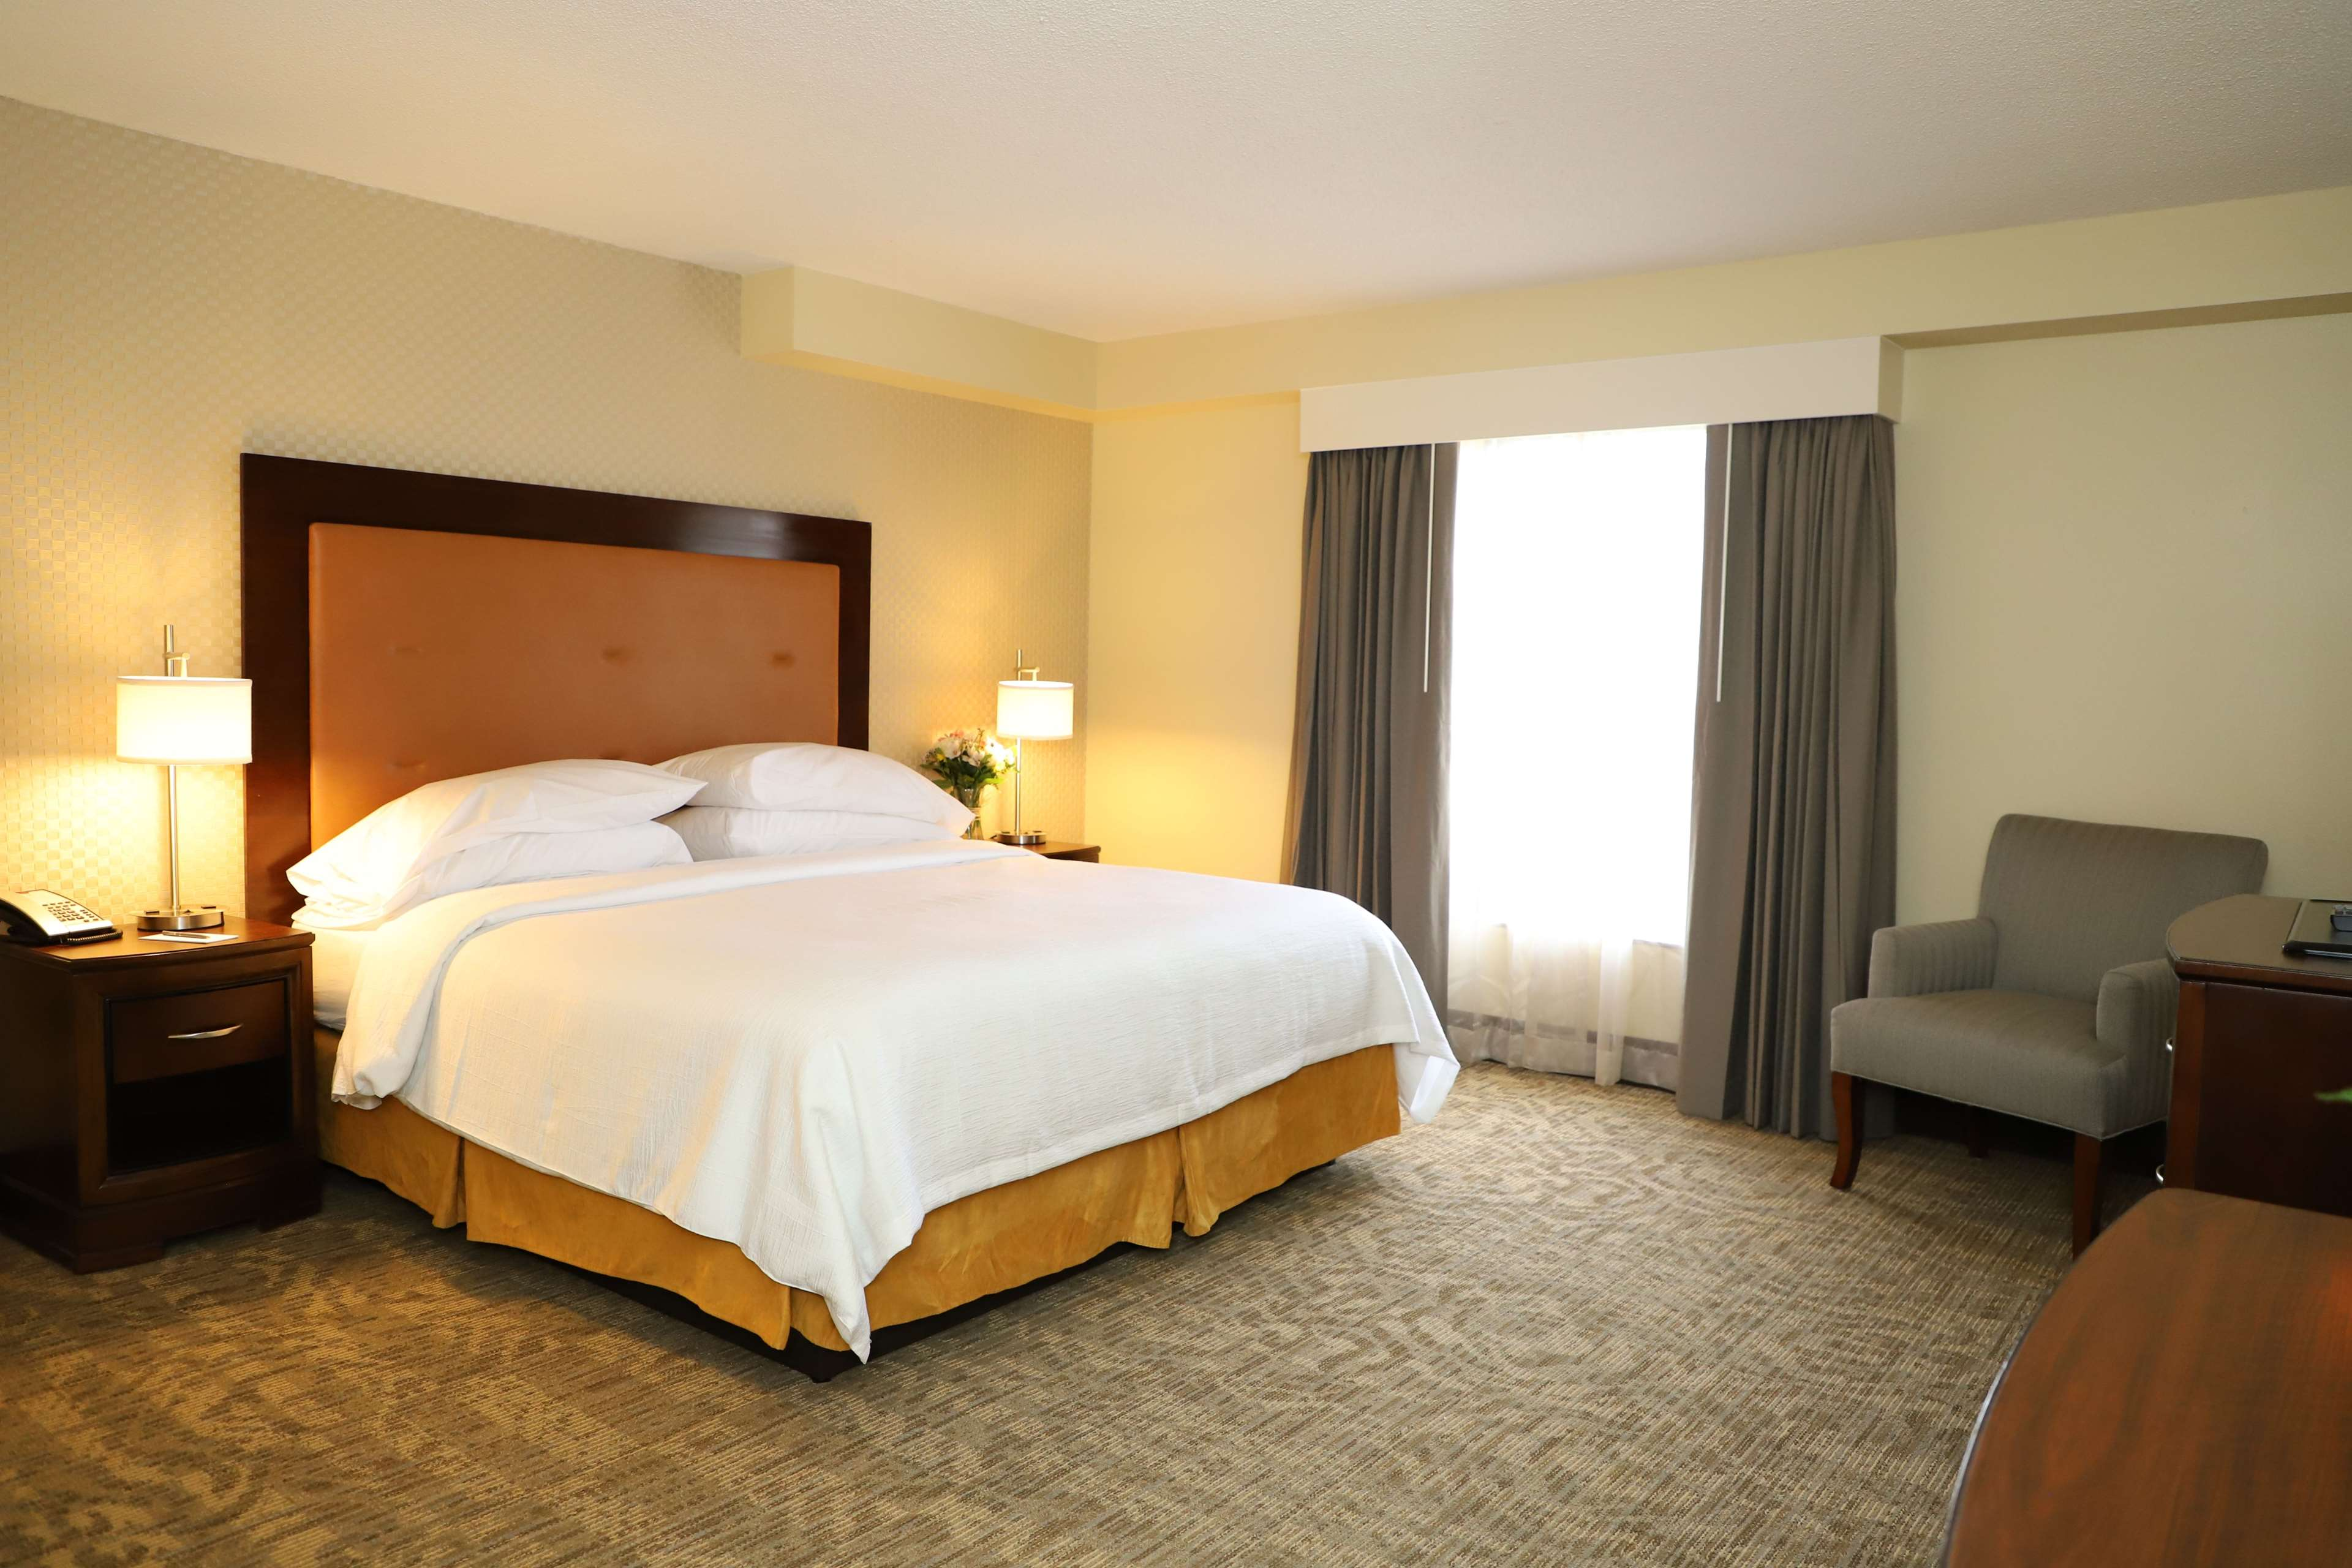 Embassy Suites by Hilton Nashville at Vanderbilt image 36